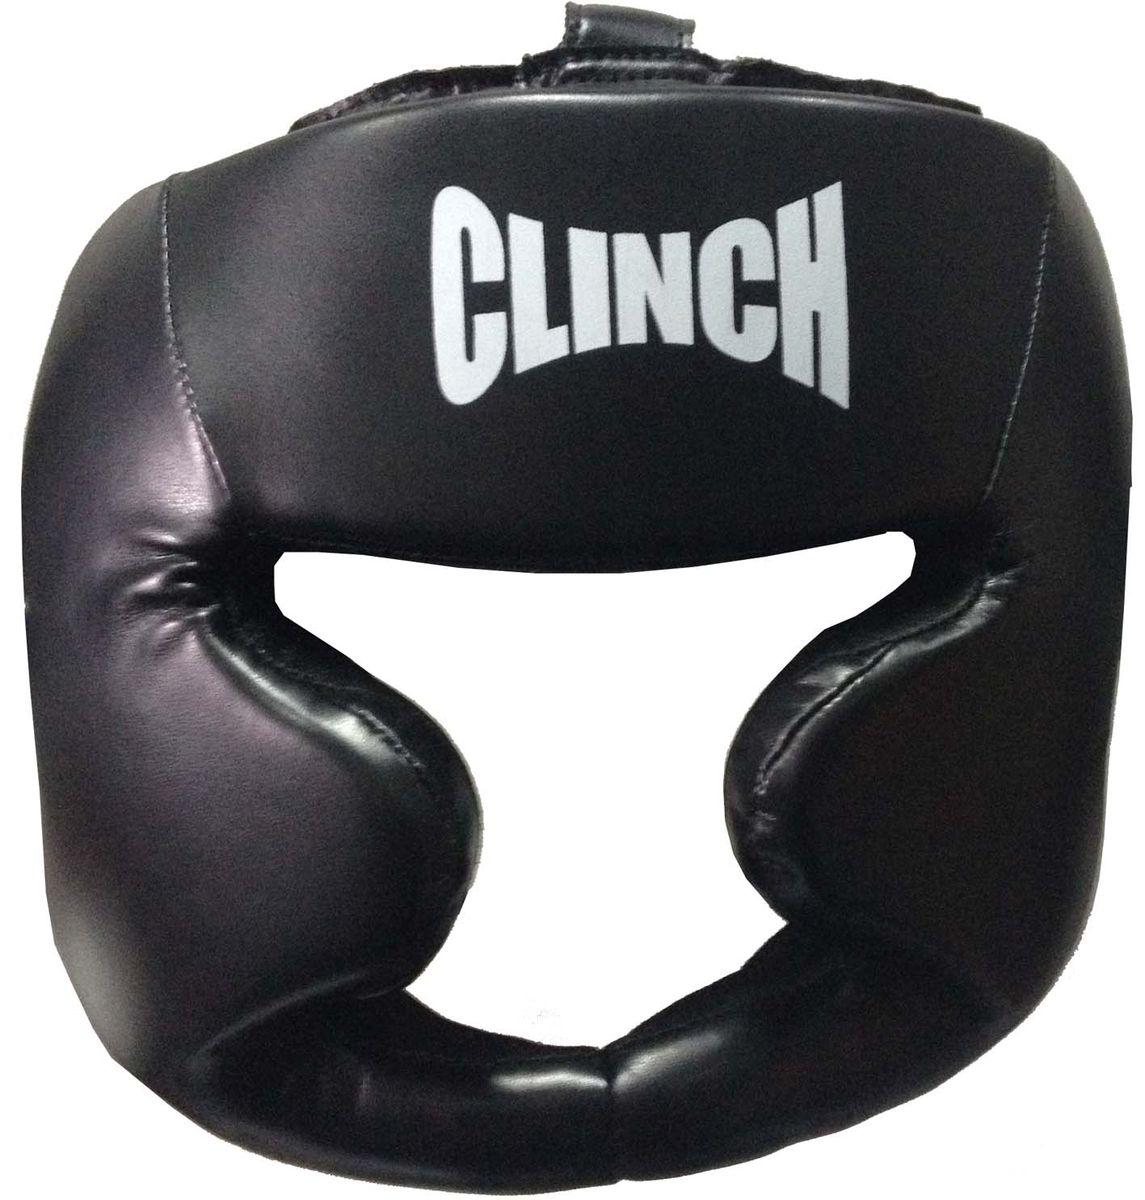 Шлем боксерский Clinch Full Face, цвет: черный. Размер S/MC199Тренировочный шлем Clinch Full Face предназначен для занятий боксом и единоборствами. Изготовлен из японского флексополиуретана Pu Flex Leather. Оснащен удобной подкладкой из мягкого инновационного материала. Полная защита щек и подбородка, усиленная защита области ушей. Фиксацию обеспечивает застежка на двойной липучке на затылке. Верх головы регулируется при помощи липучки.